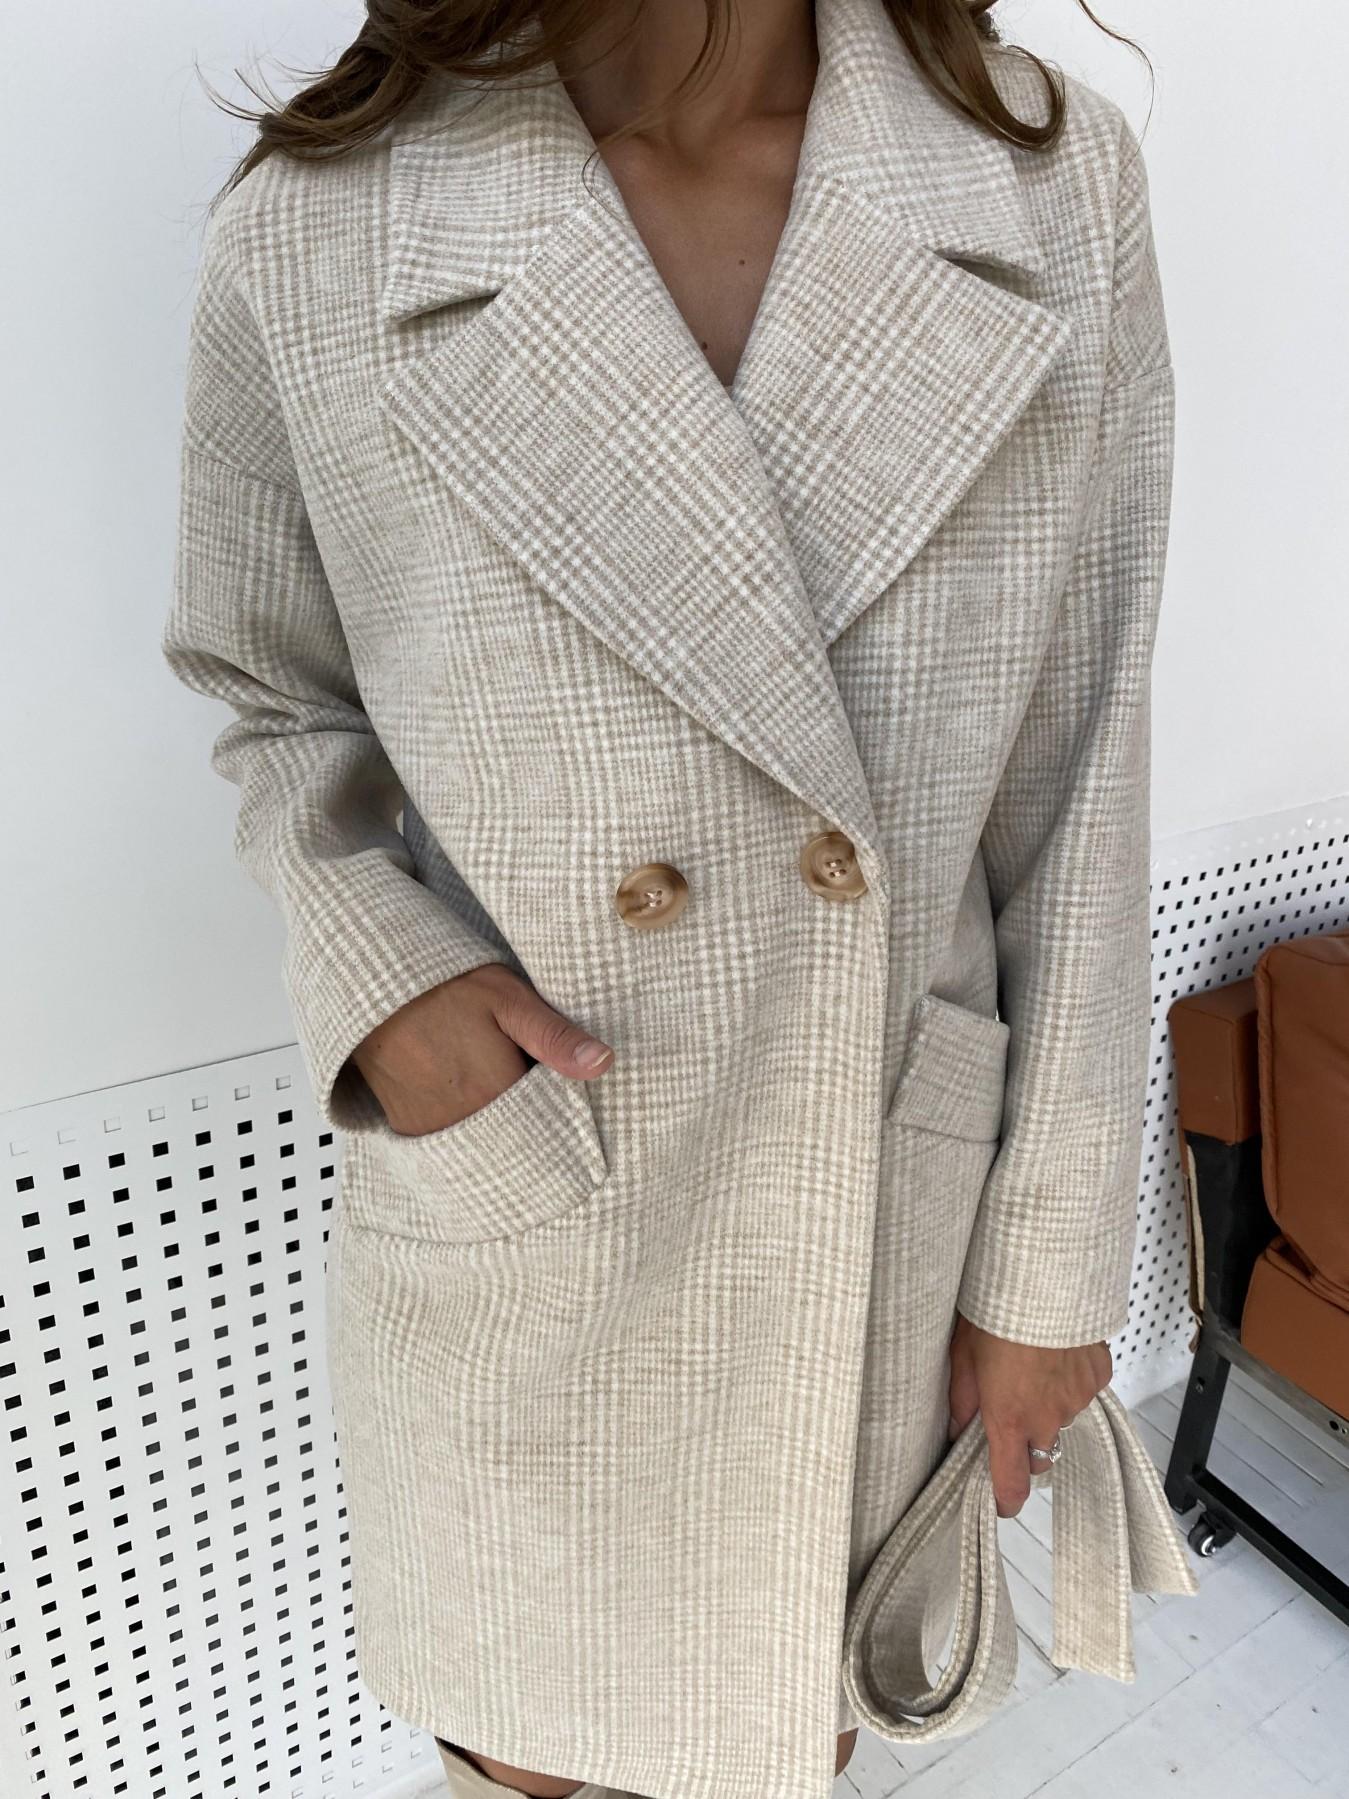 Сенсей пальто клетка комби пальтовая ткань 11649 АРТ. 48363 Цвет: Св.бежевый/молоко - фото 1, интернет магазин tm-modus.ru